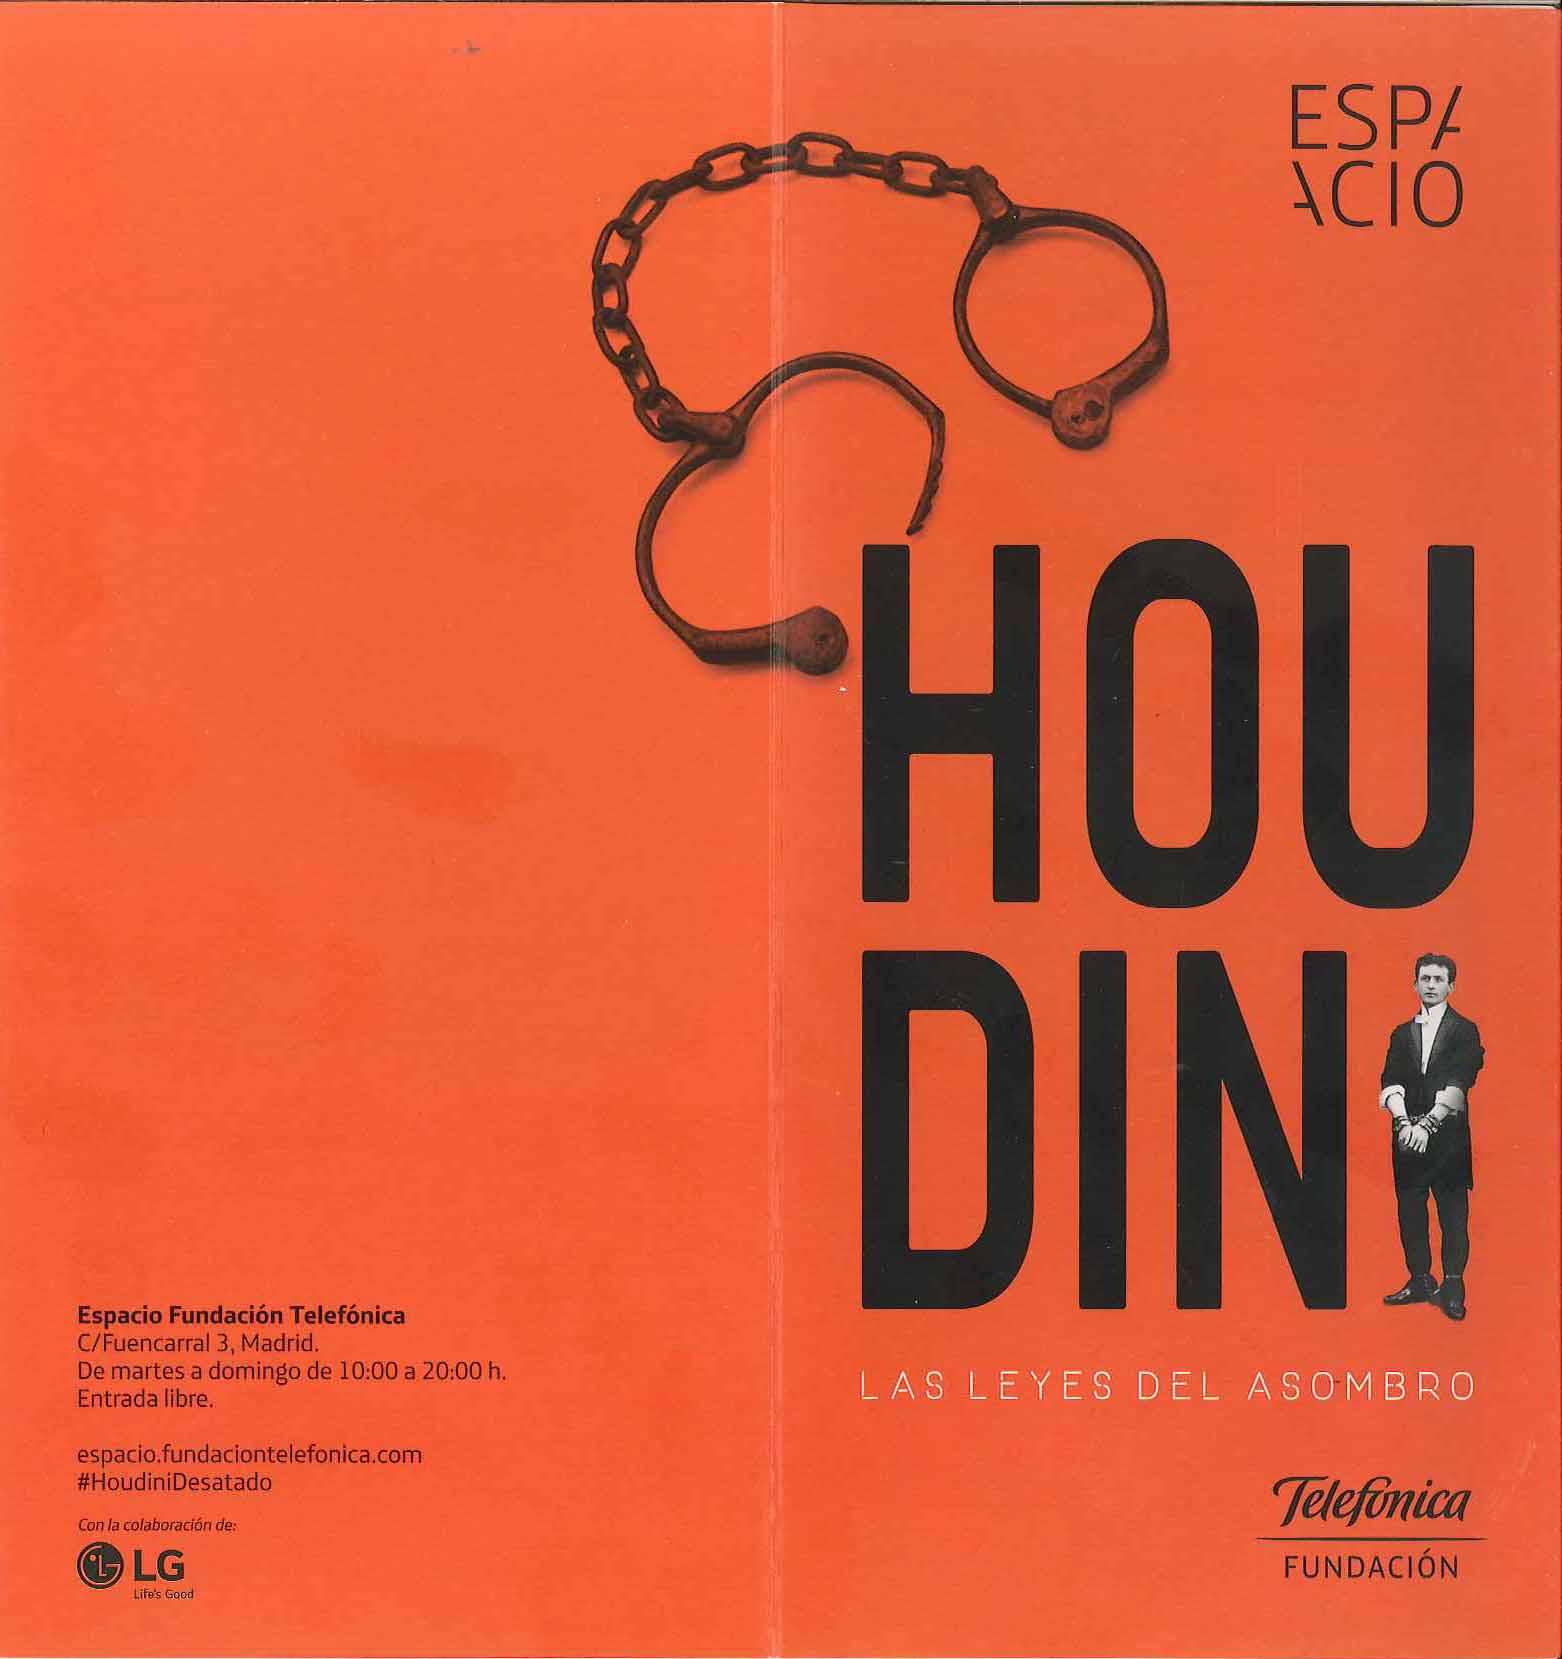 Cartel Exposición: Houdini. Las leyes del asombro